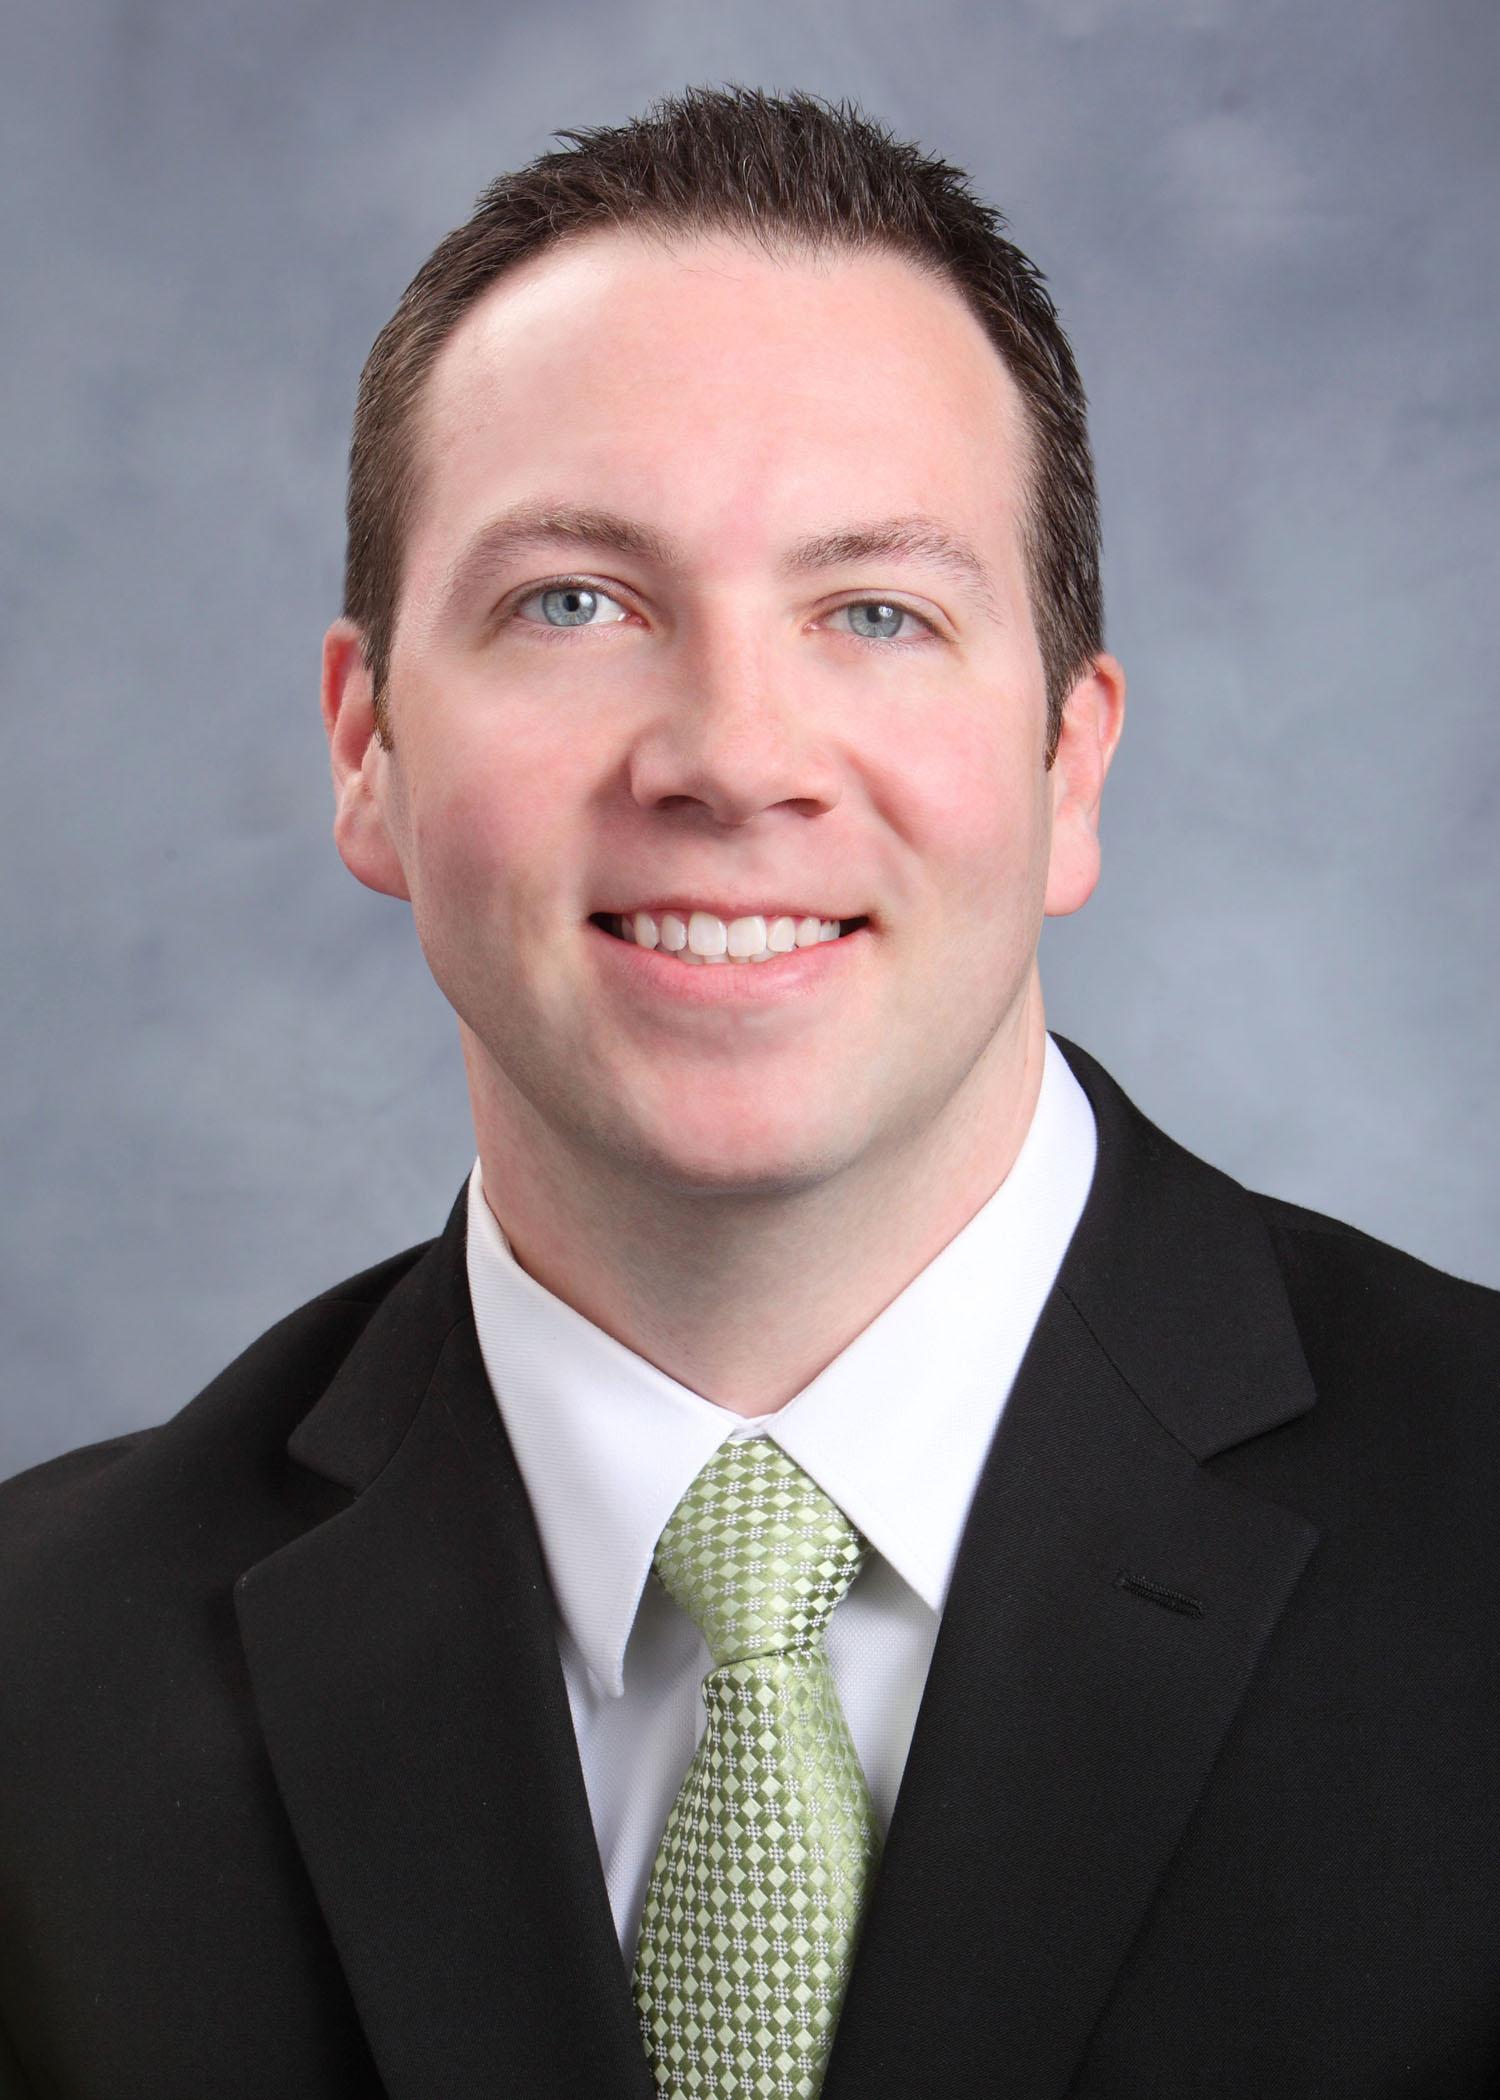 Matt Novak